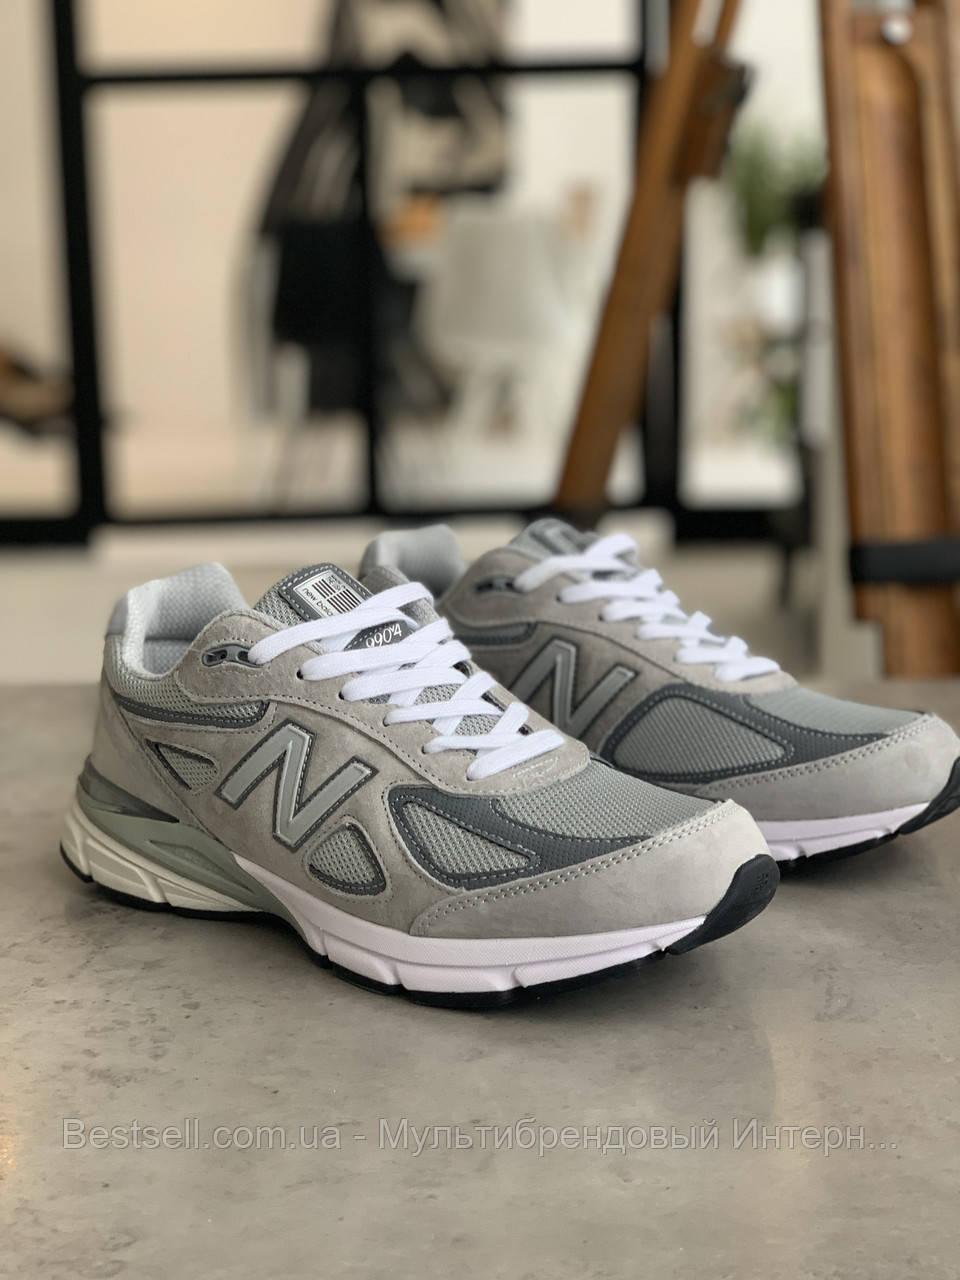 Кросівки New Balance 993 Grey Нью Беланс 993 Сірі (41,42 )